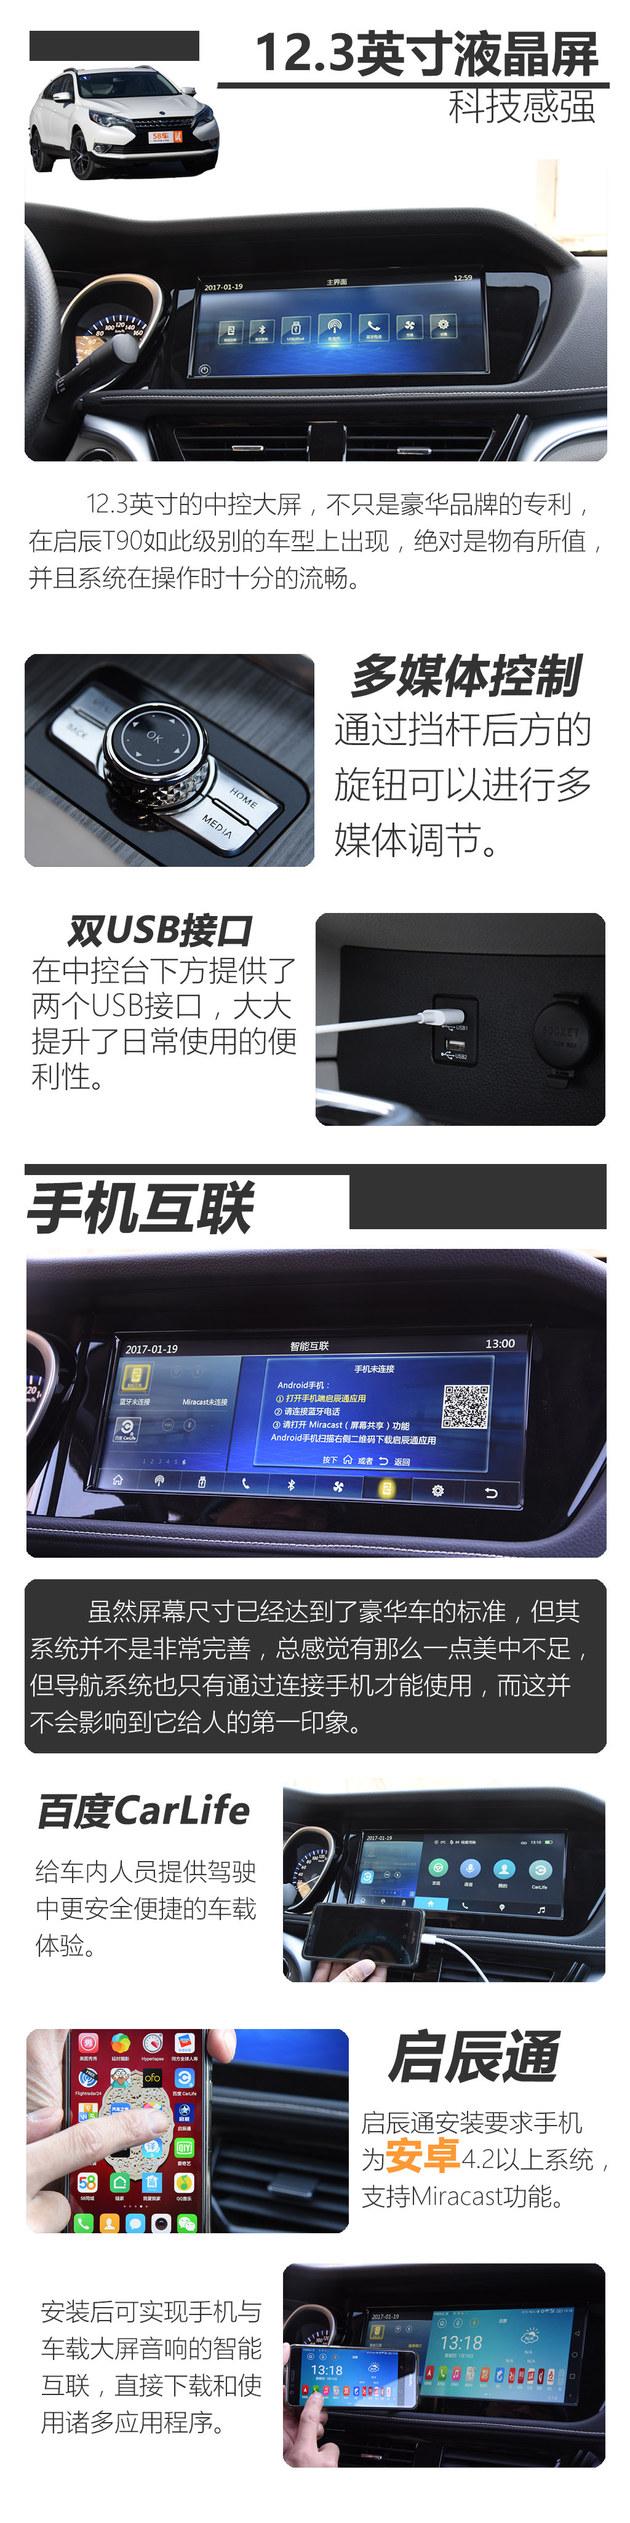 东风启辰T90多媒体系统 媲美奔驰E级?